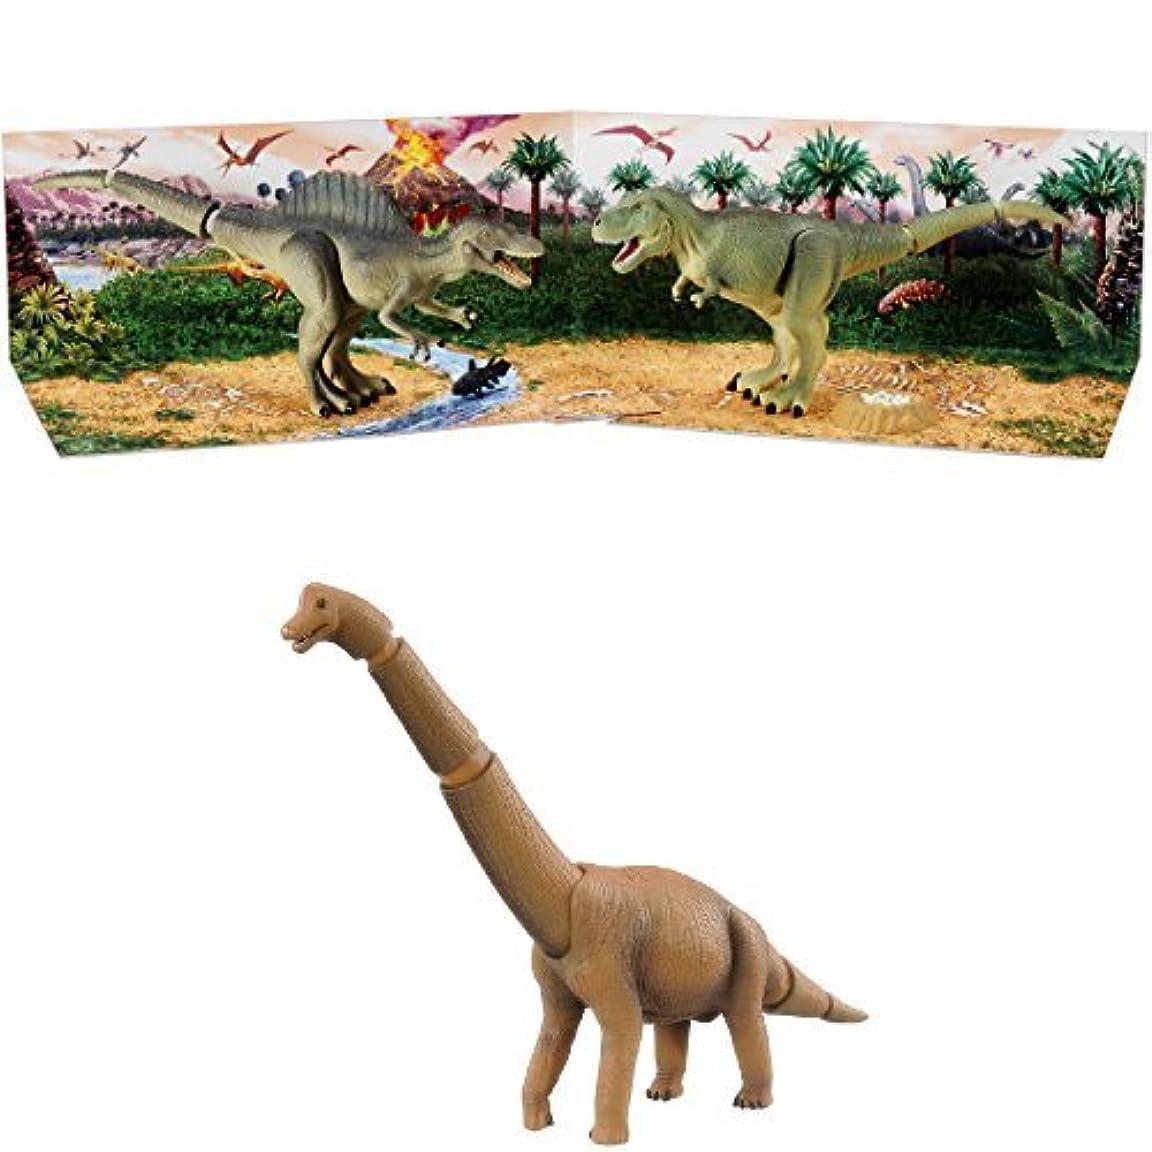 リフトチャールズキージング条約アニア AG-02 肉食恐竜ライバル激突セット ブラキオサウルスセット